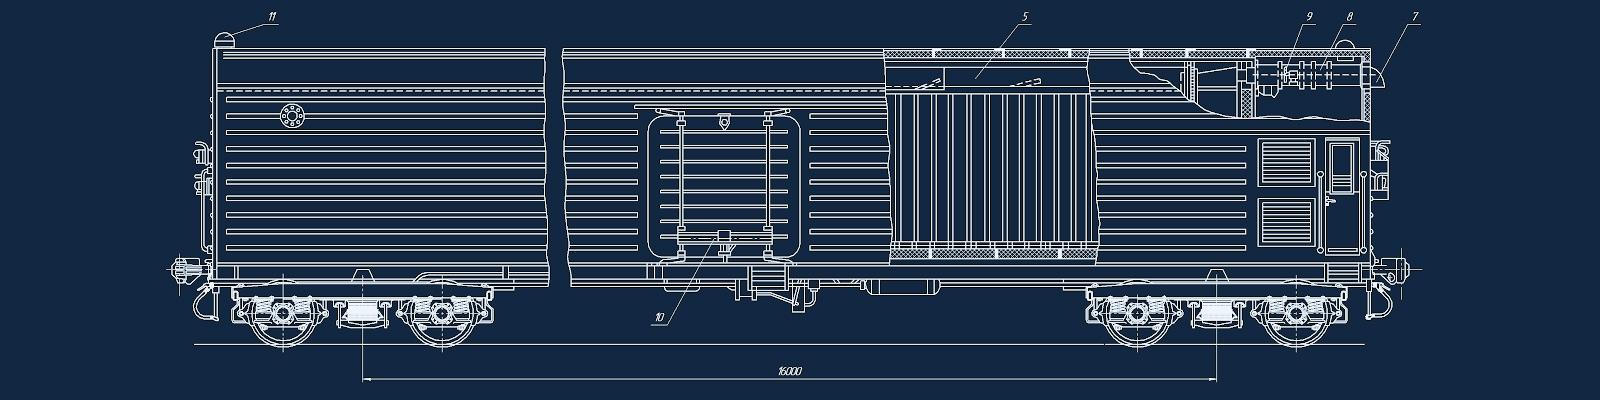 Оборудование для железнодорожного и автомобильного транспорта